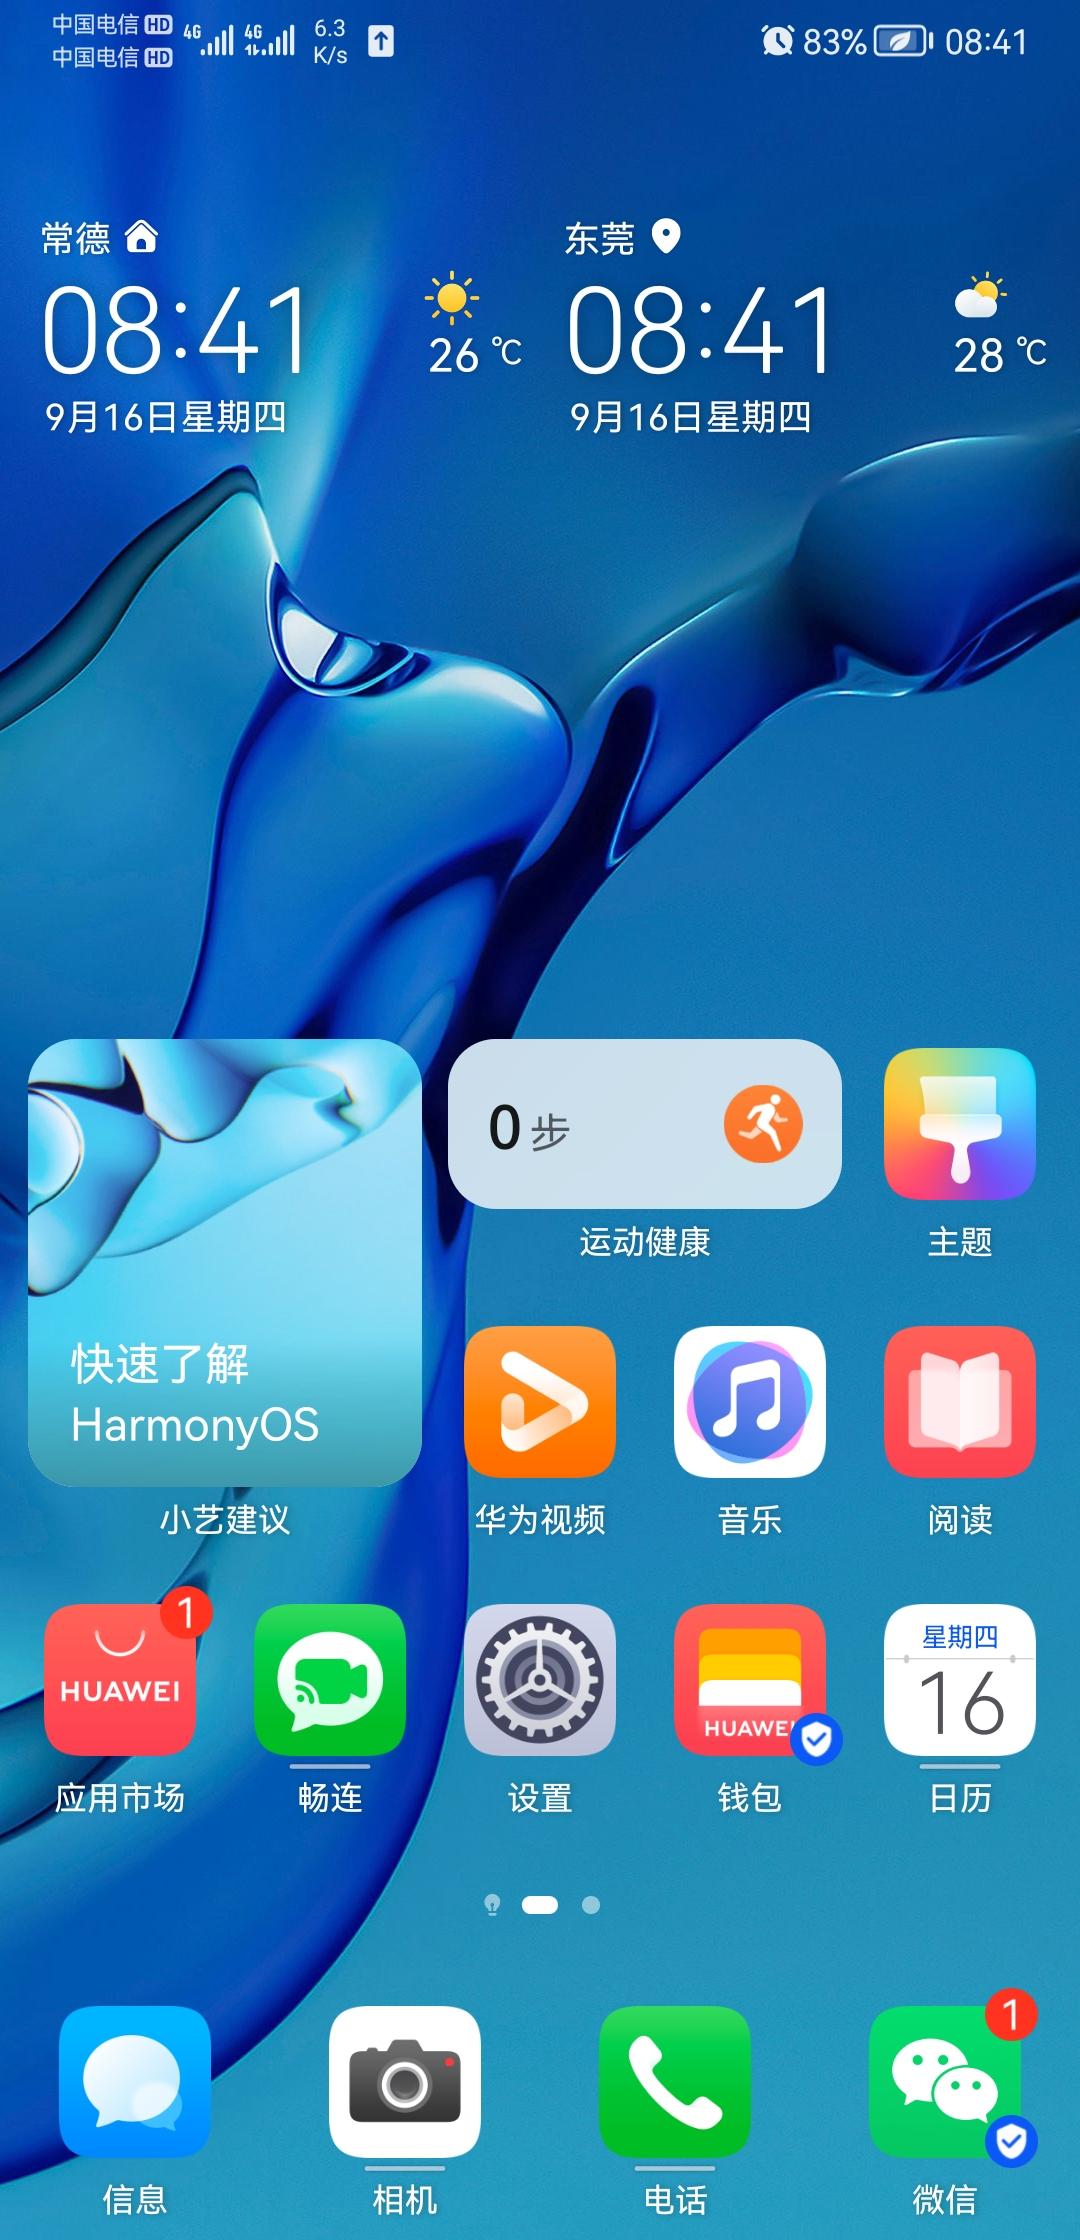 Screenshot_20210916_084138_com.huawei.android.launcher.jpg